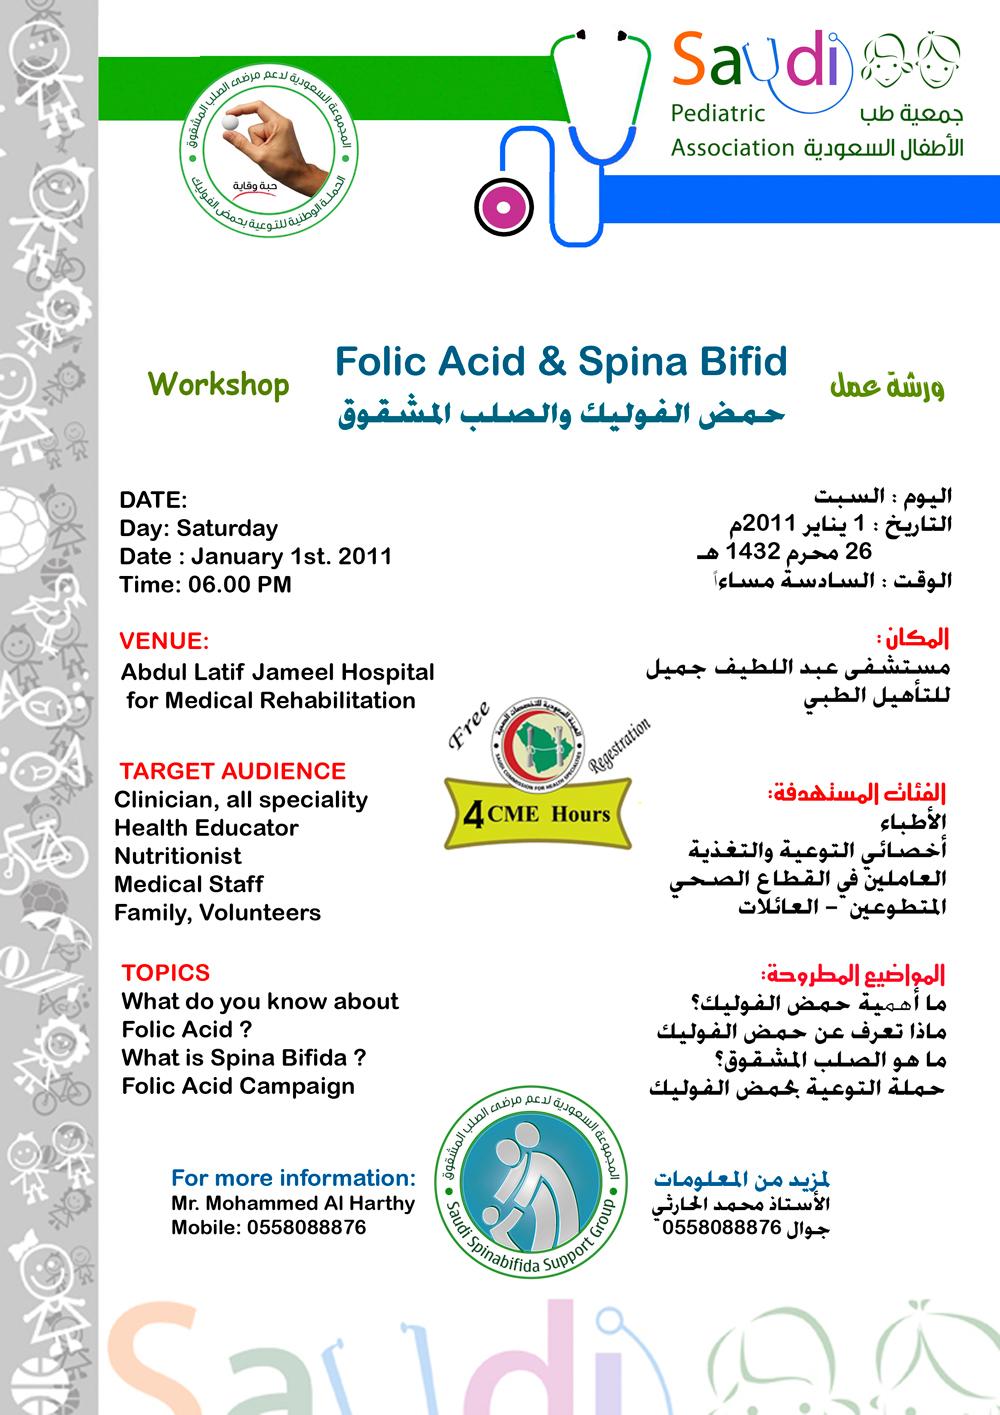 حملات توعوية بحمض الفوليك في معظم مناطق المملكة Work_Jeddah.jpg